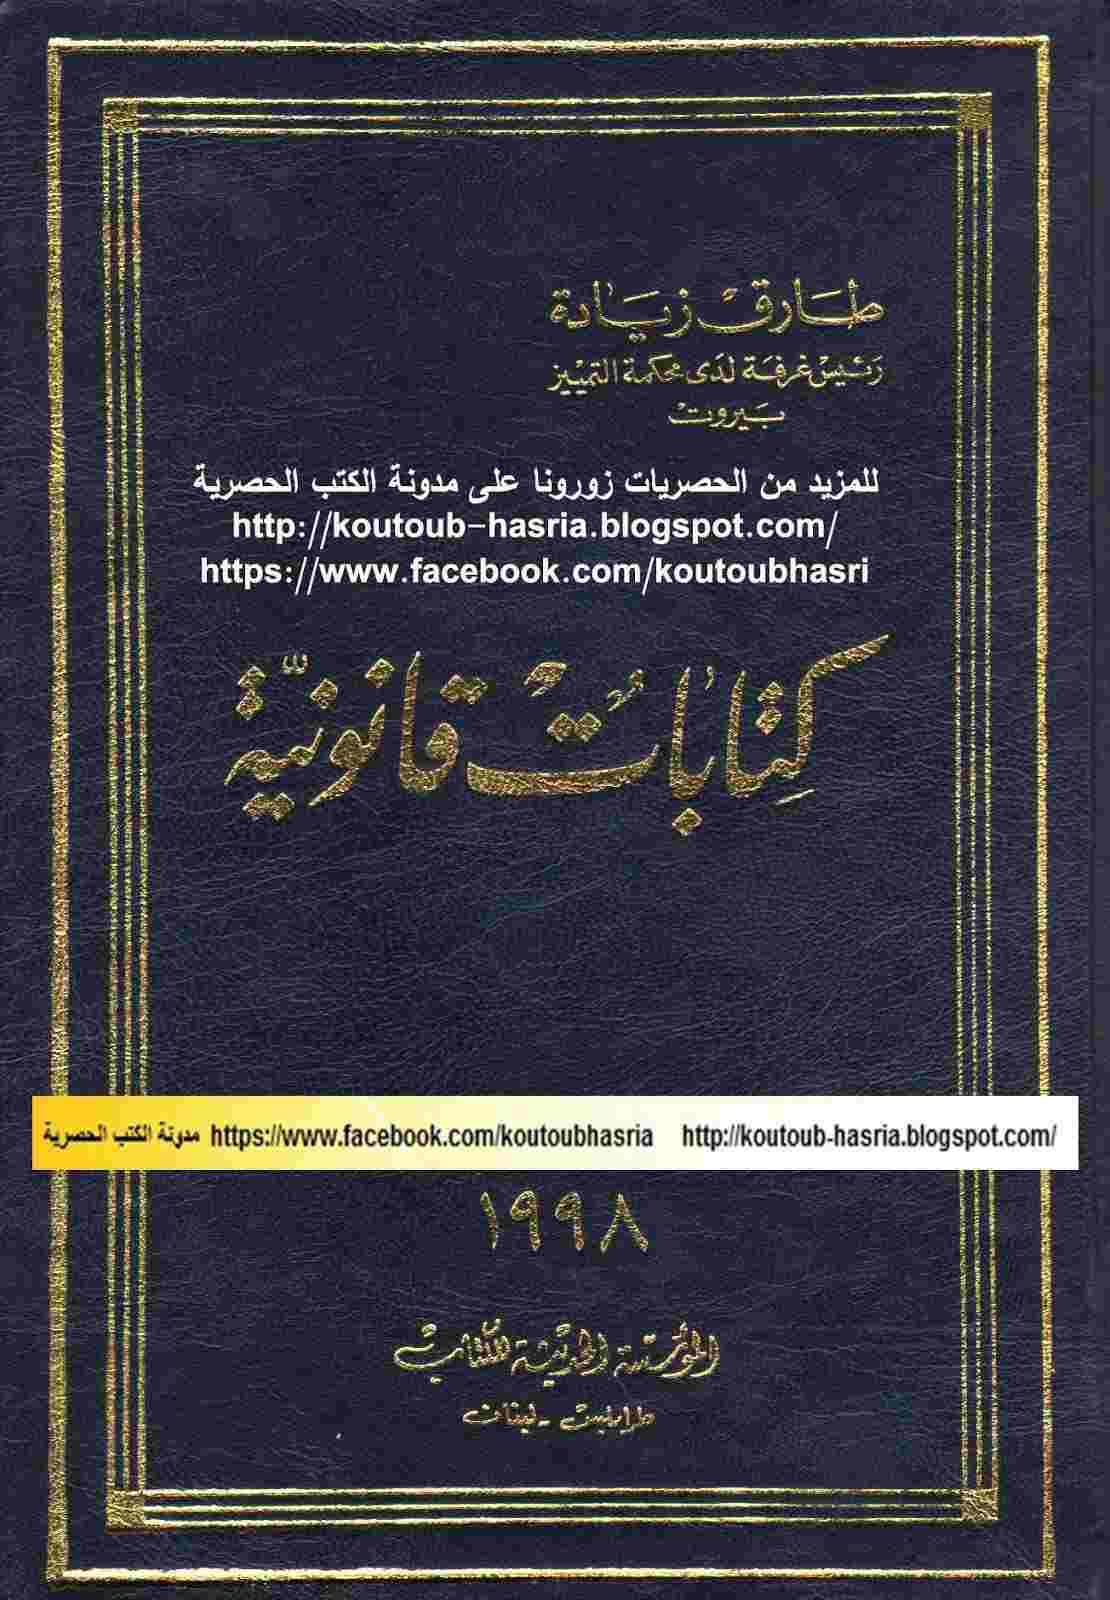 تحميل كتب طارق الحبيب pdf مجانا